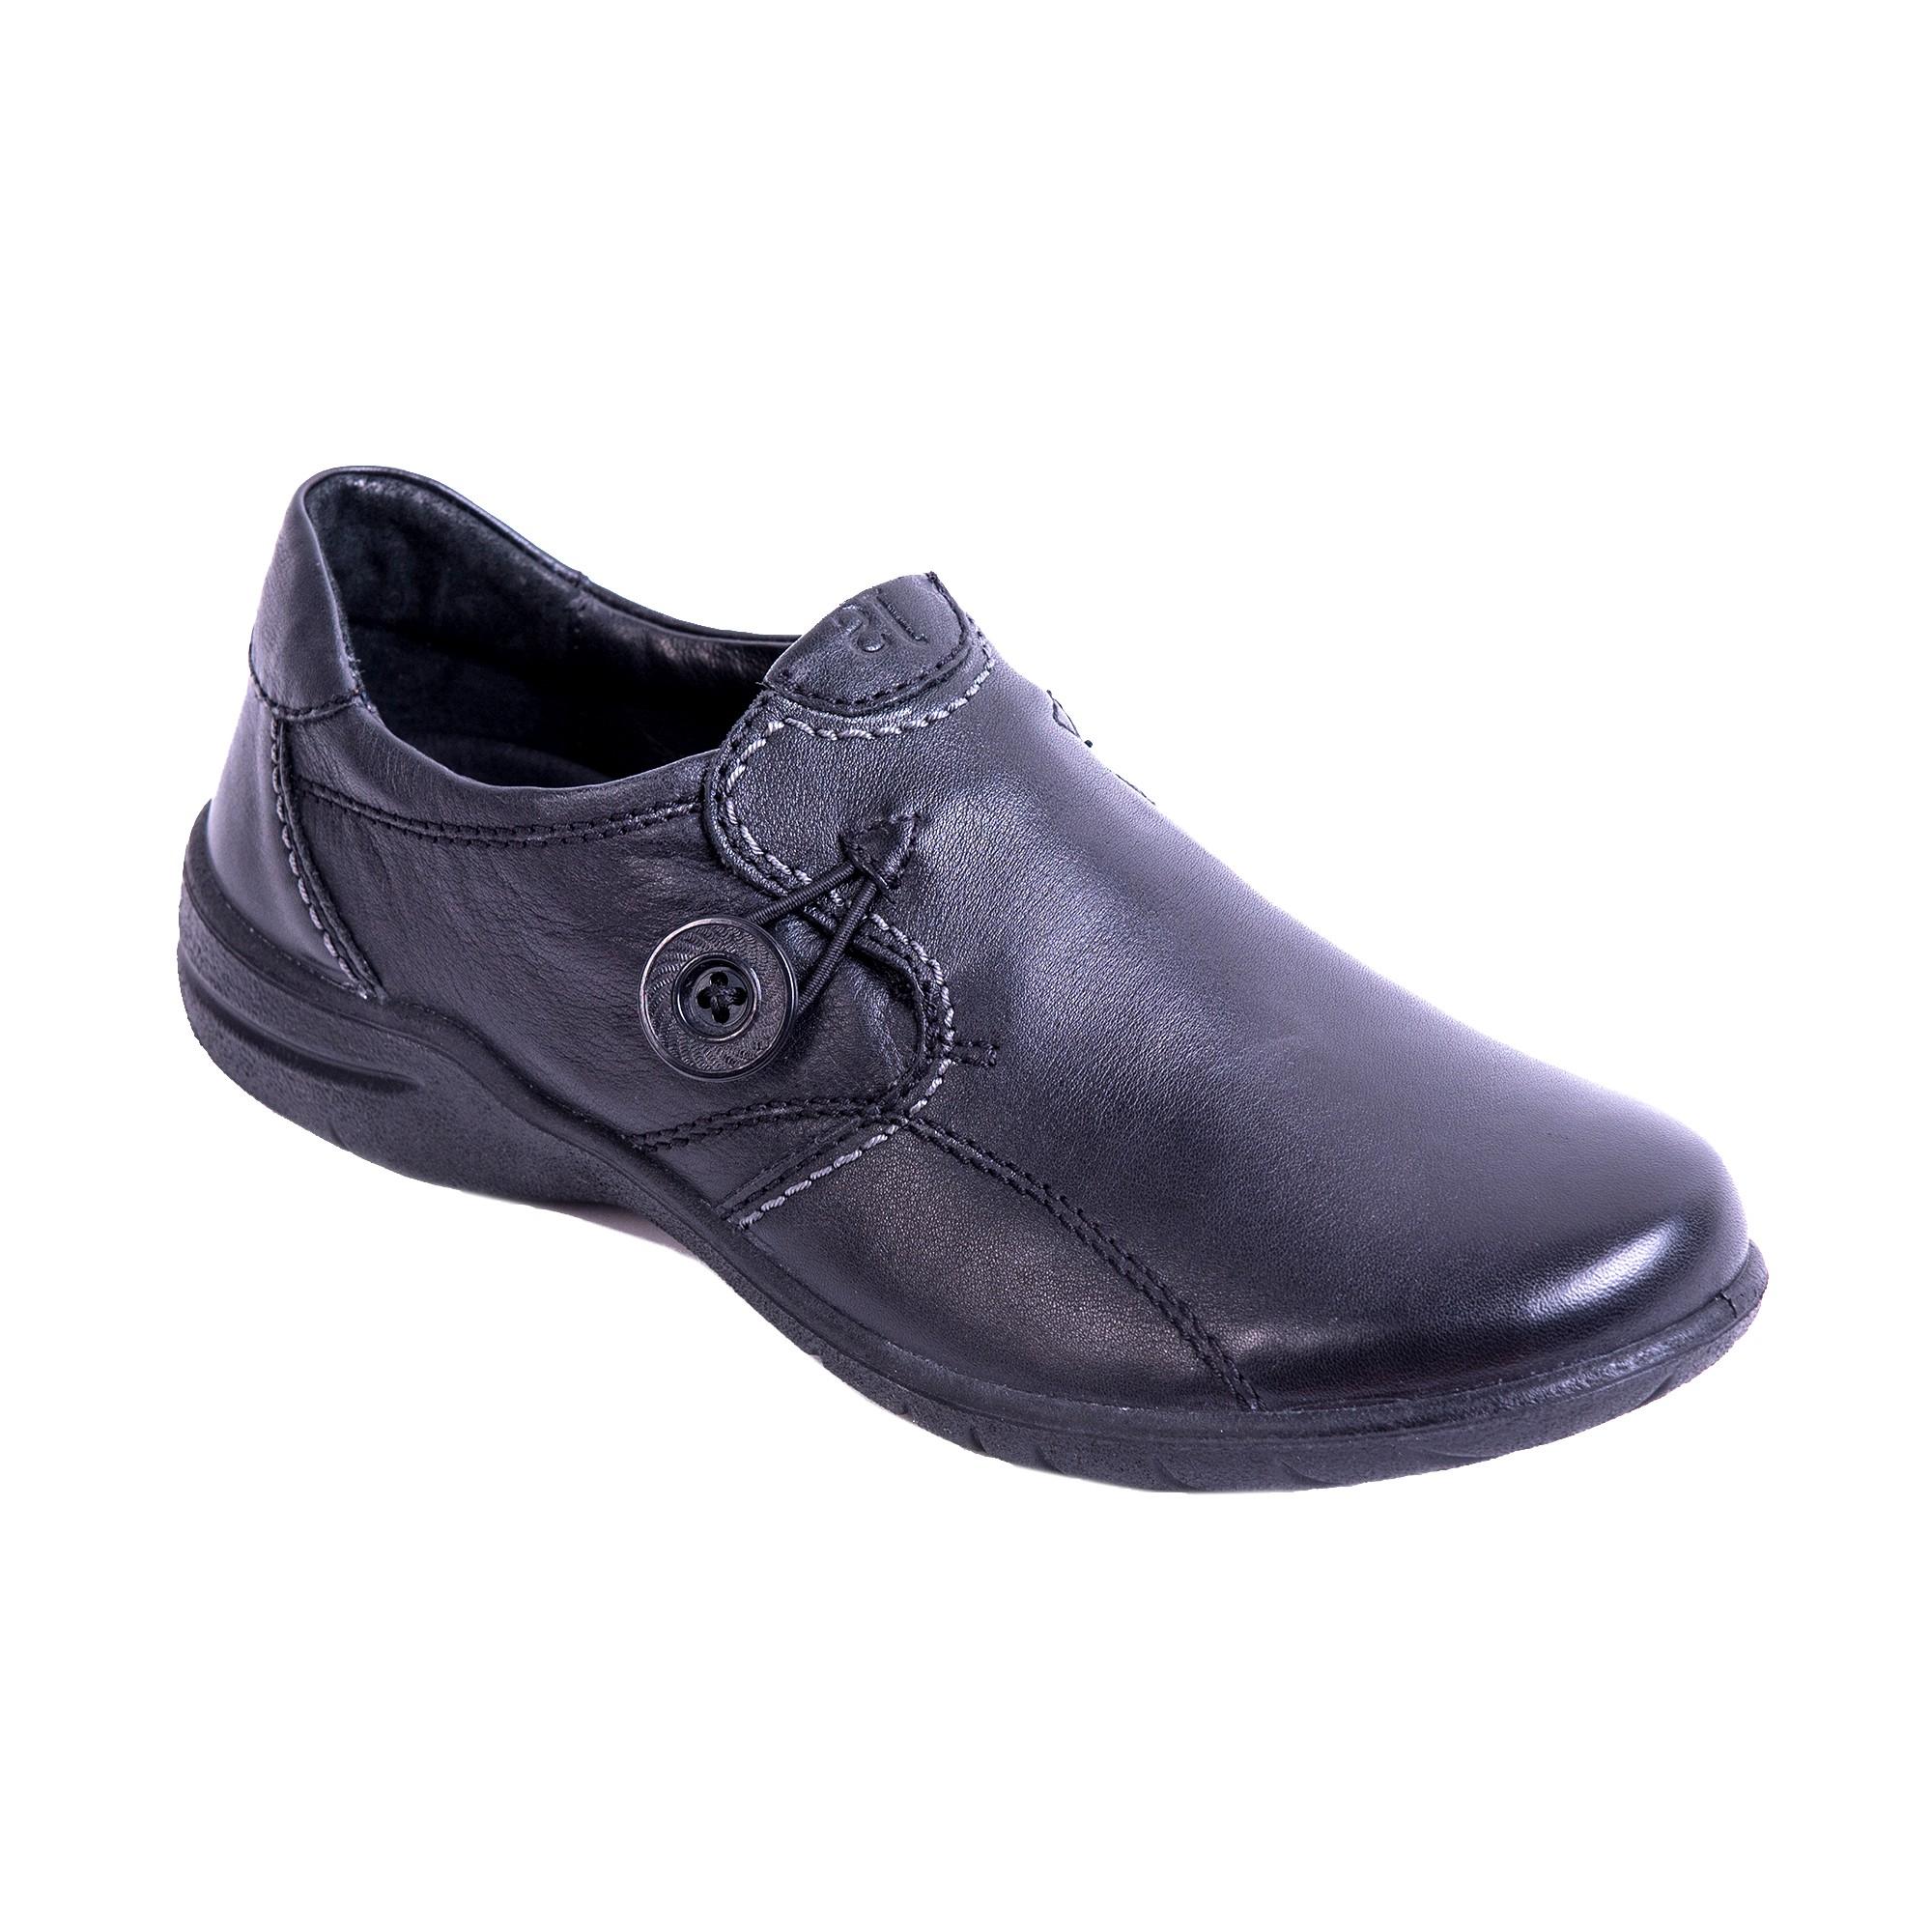 Fiona 65 (fekete) Josef Seibel cipő webáruház, webshop